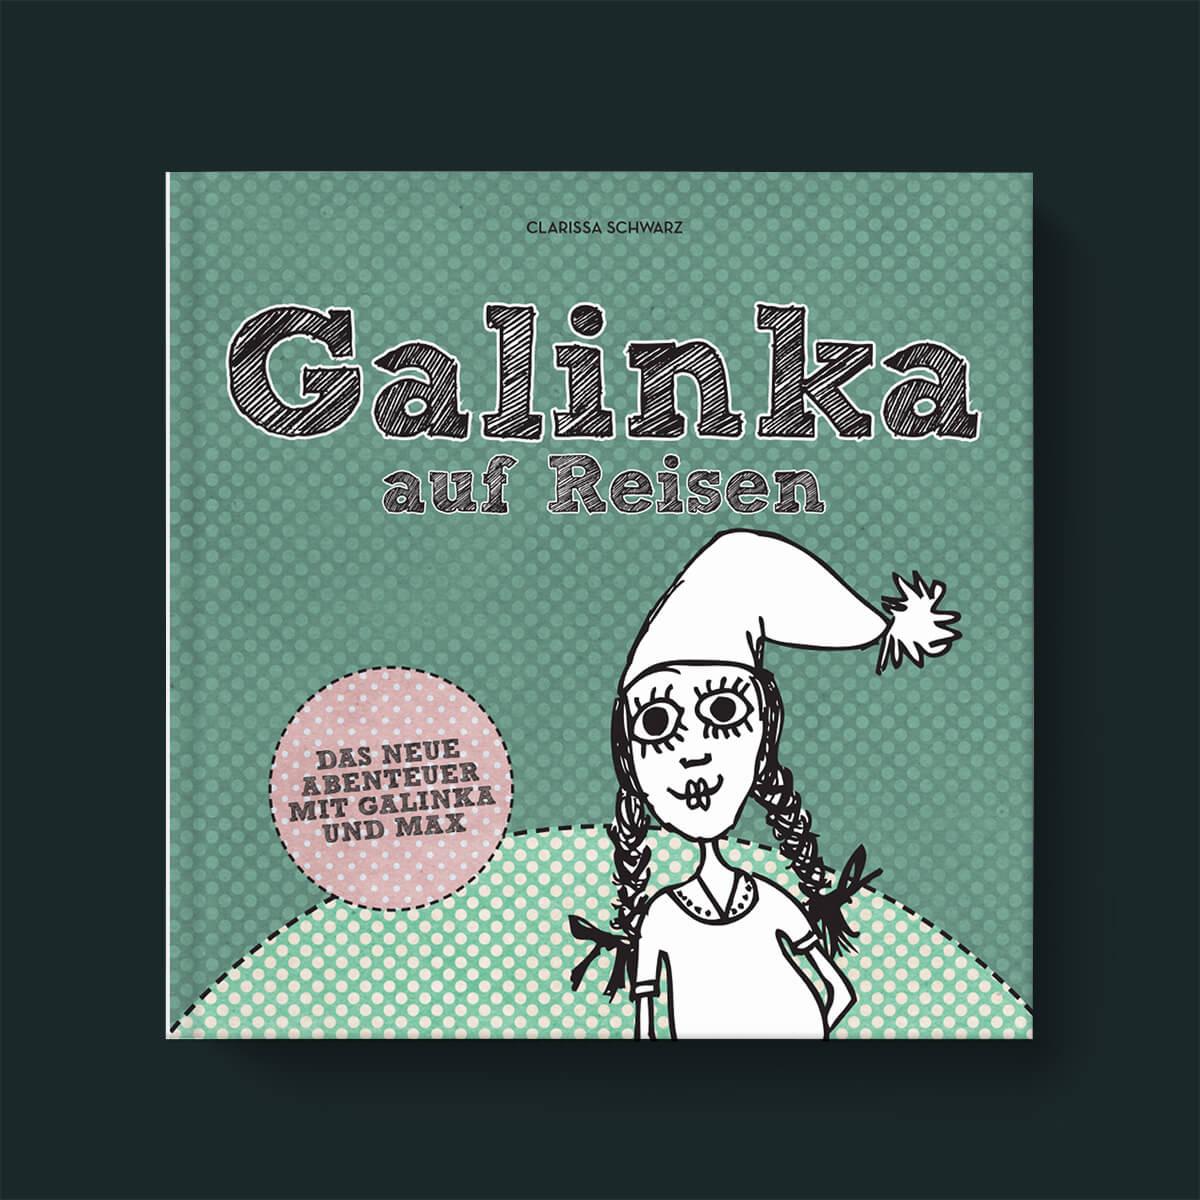 galinka_aufReisen-1